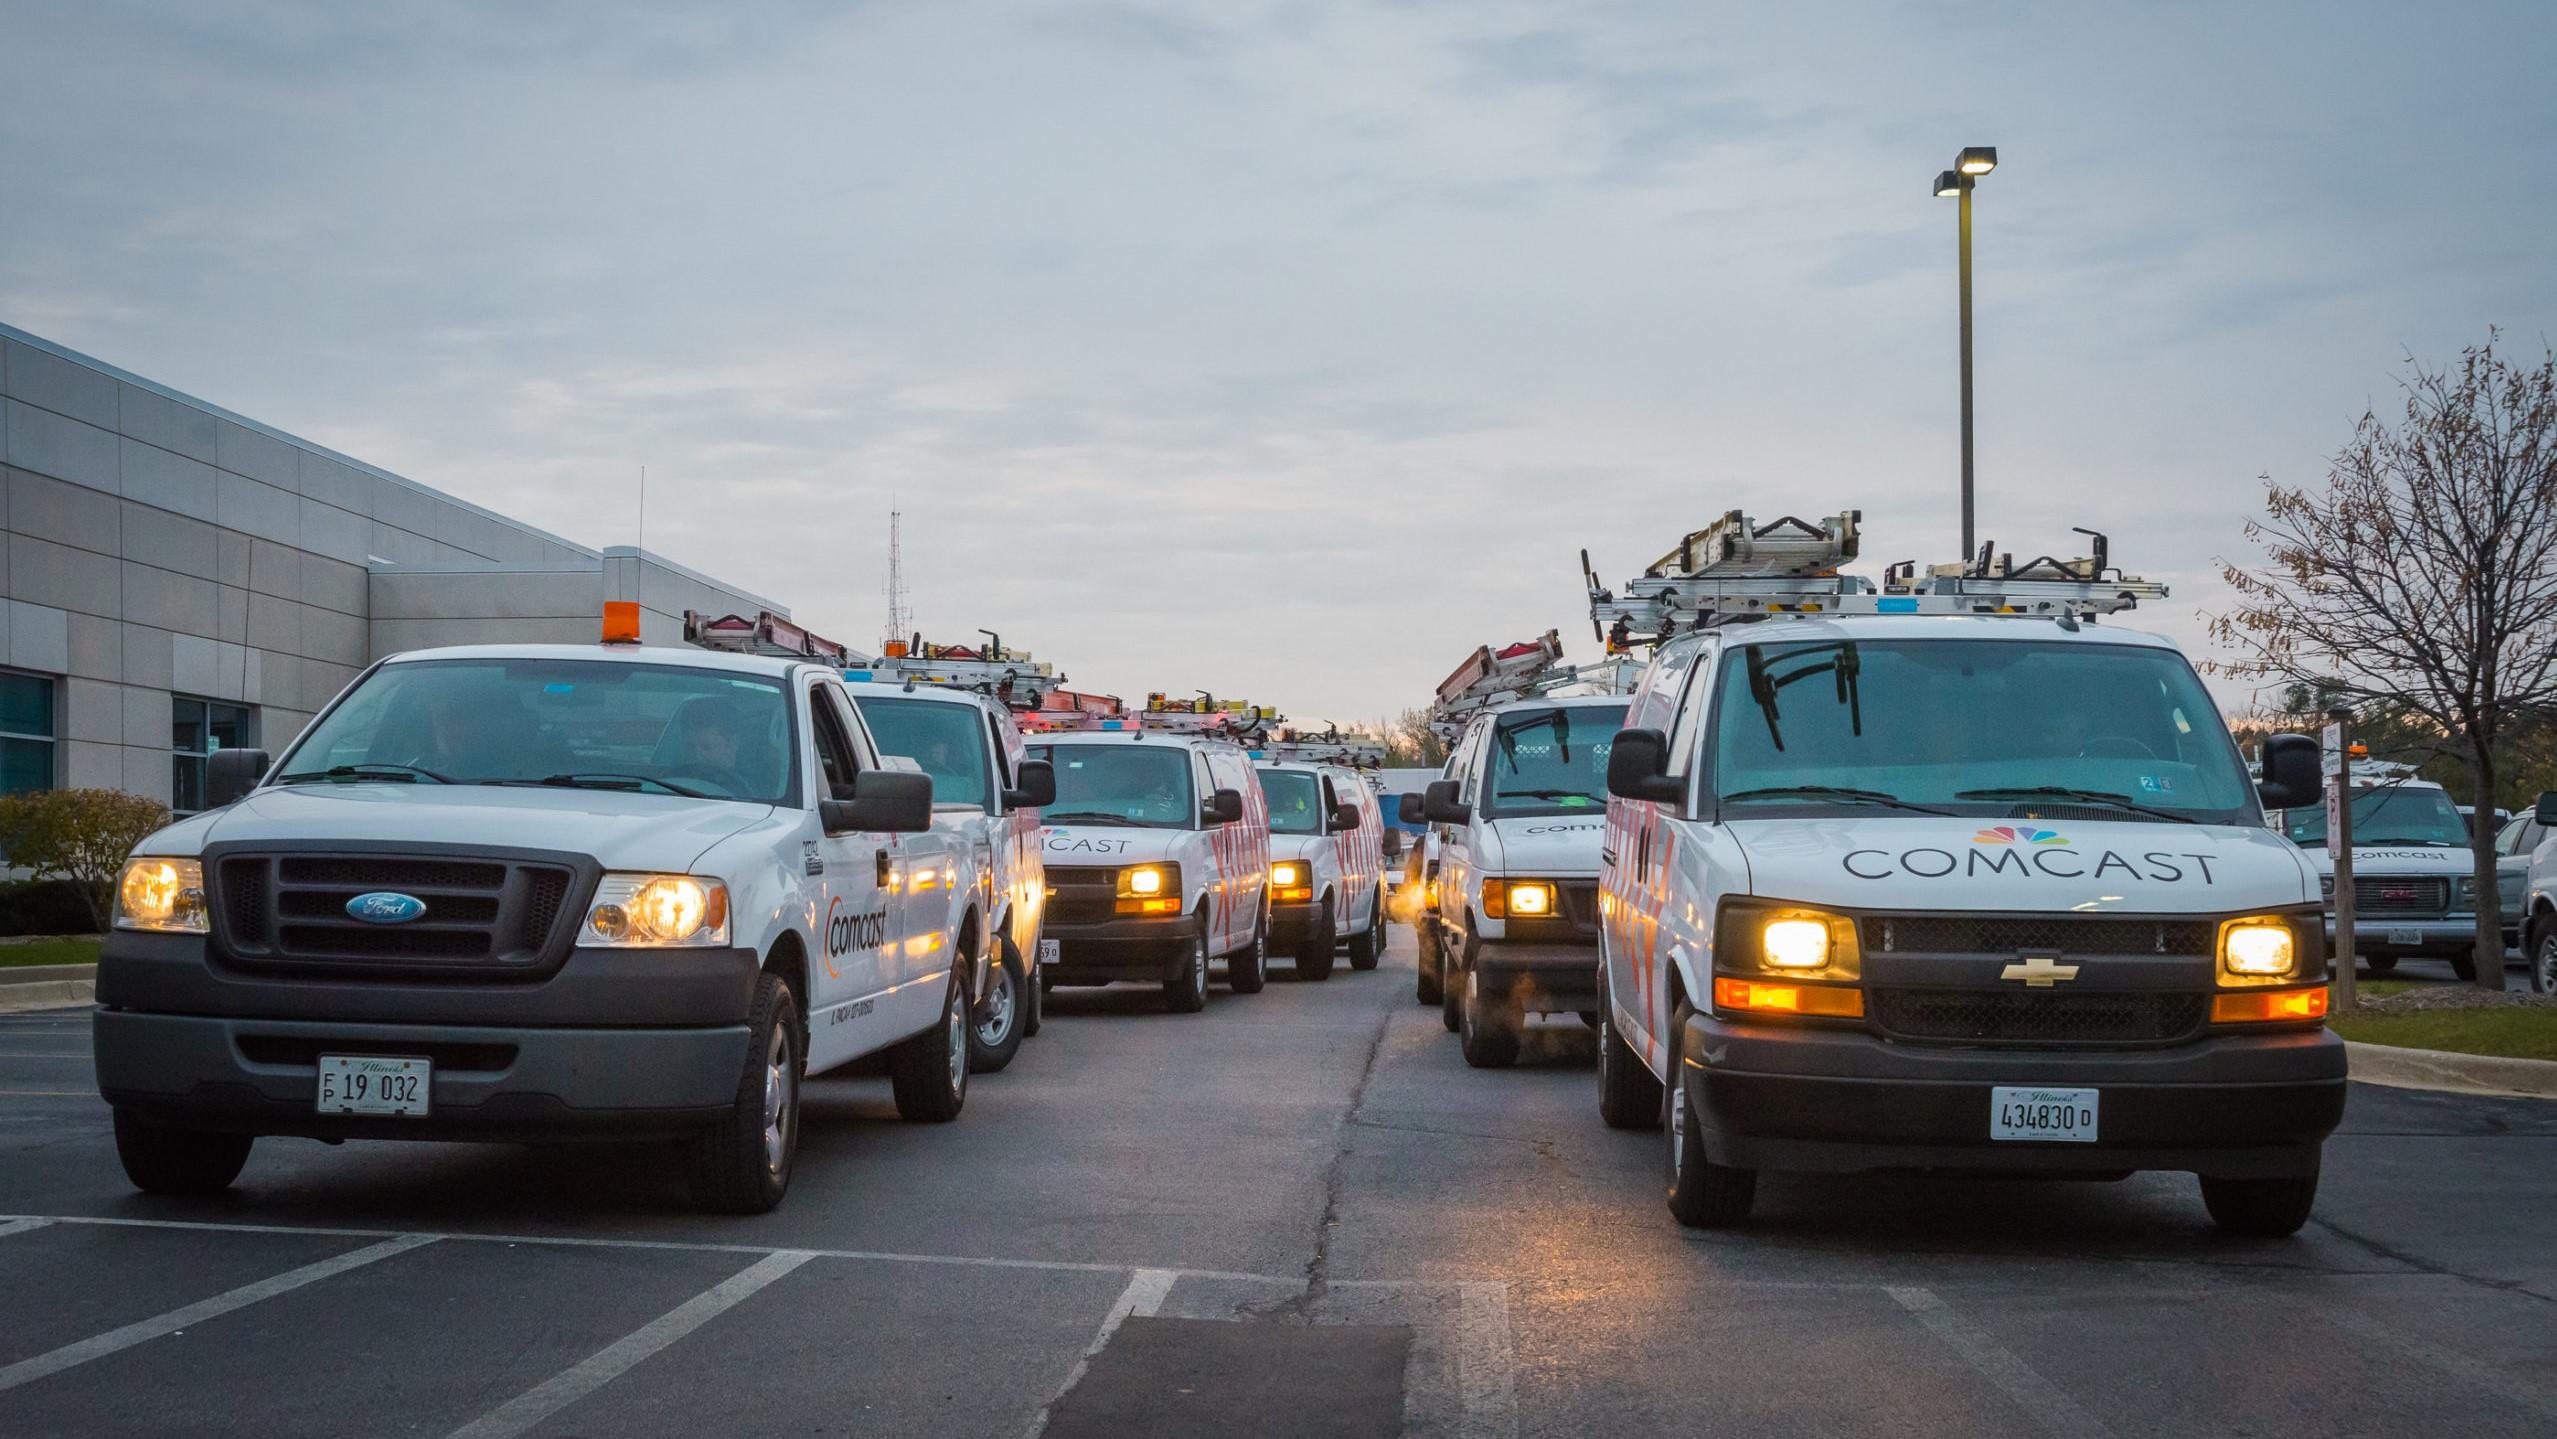 Comcast technicians in their vans